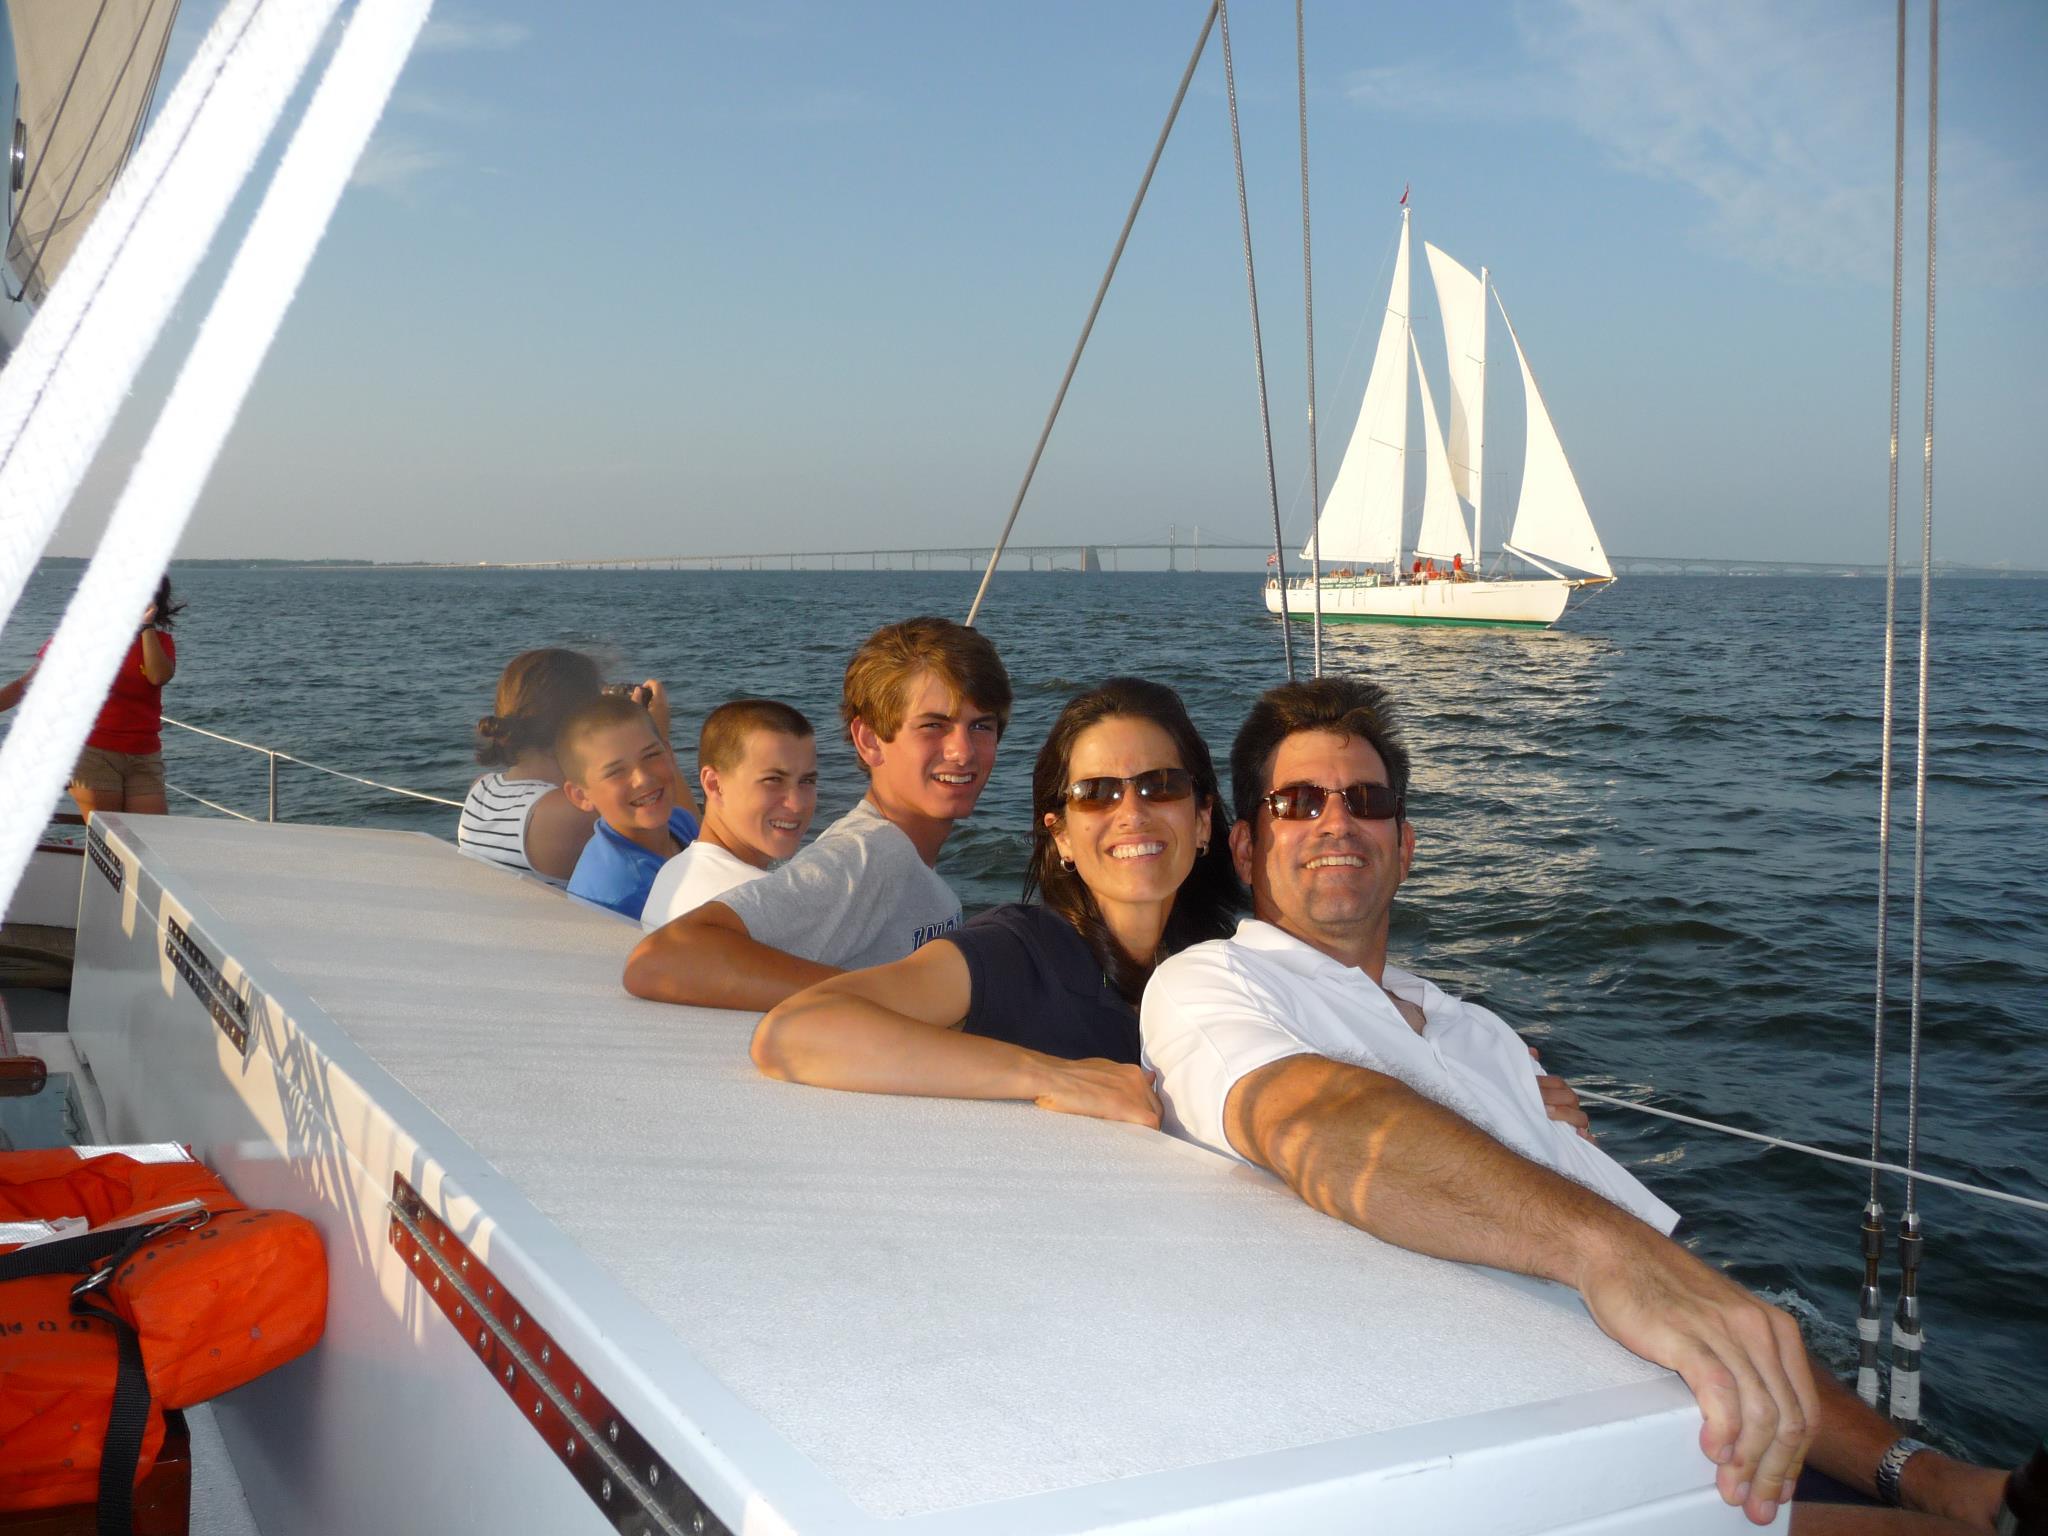 Having fun on Schooner Woodwind on Chesapeake